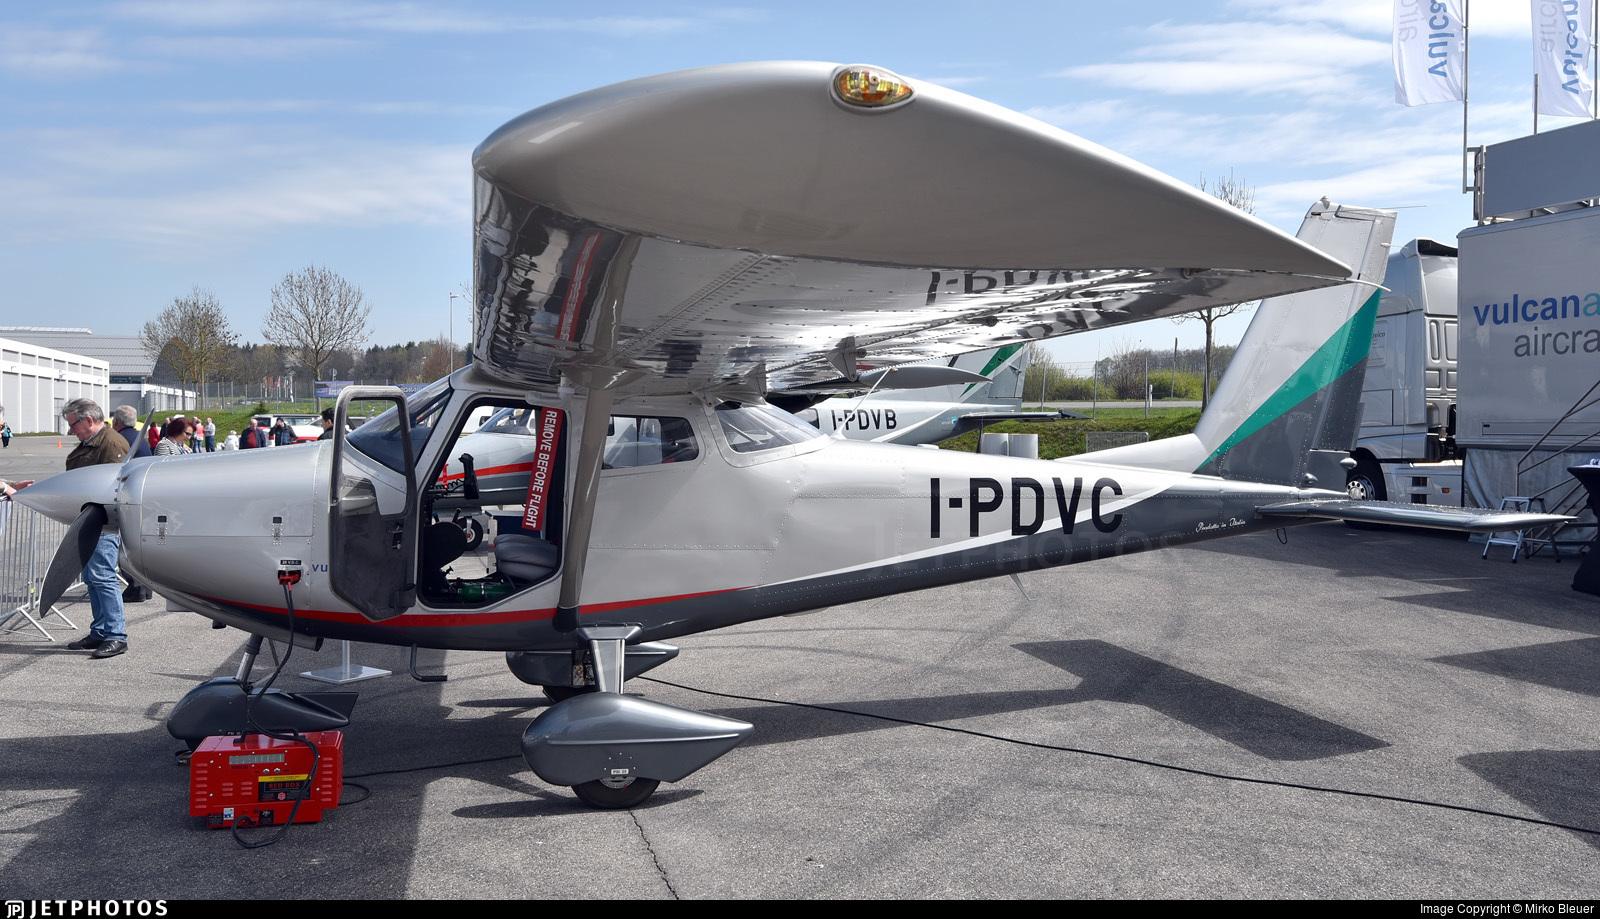 I-PDVC - Vulcanair V1.0 - Vulcanair